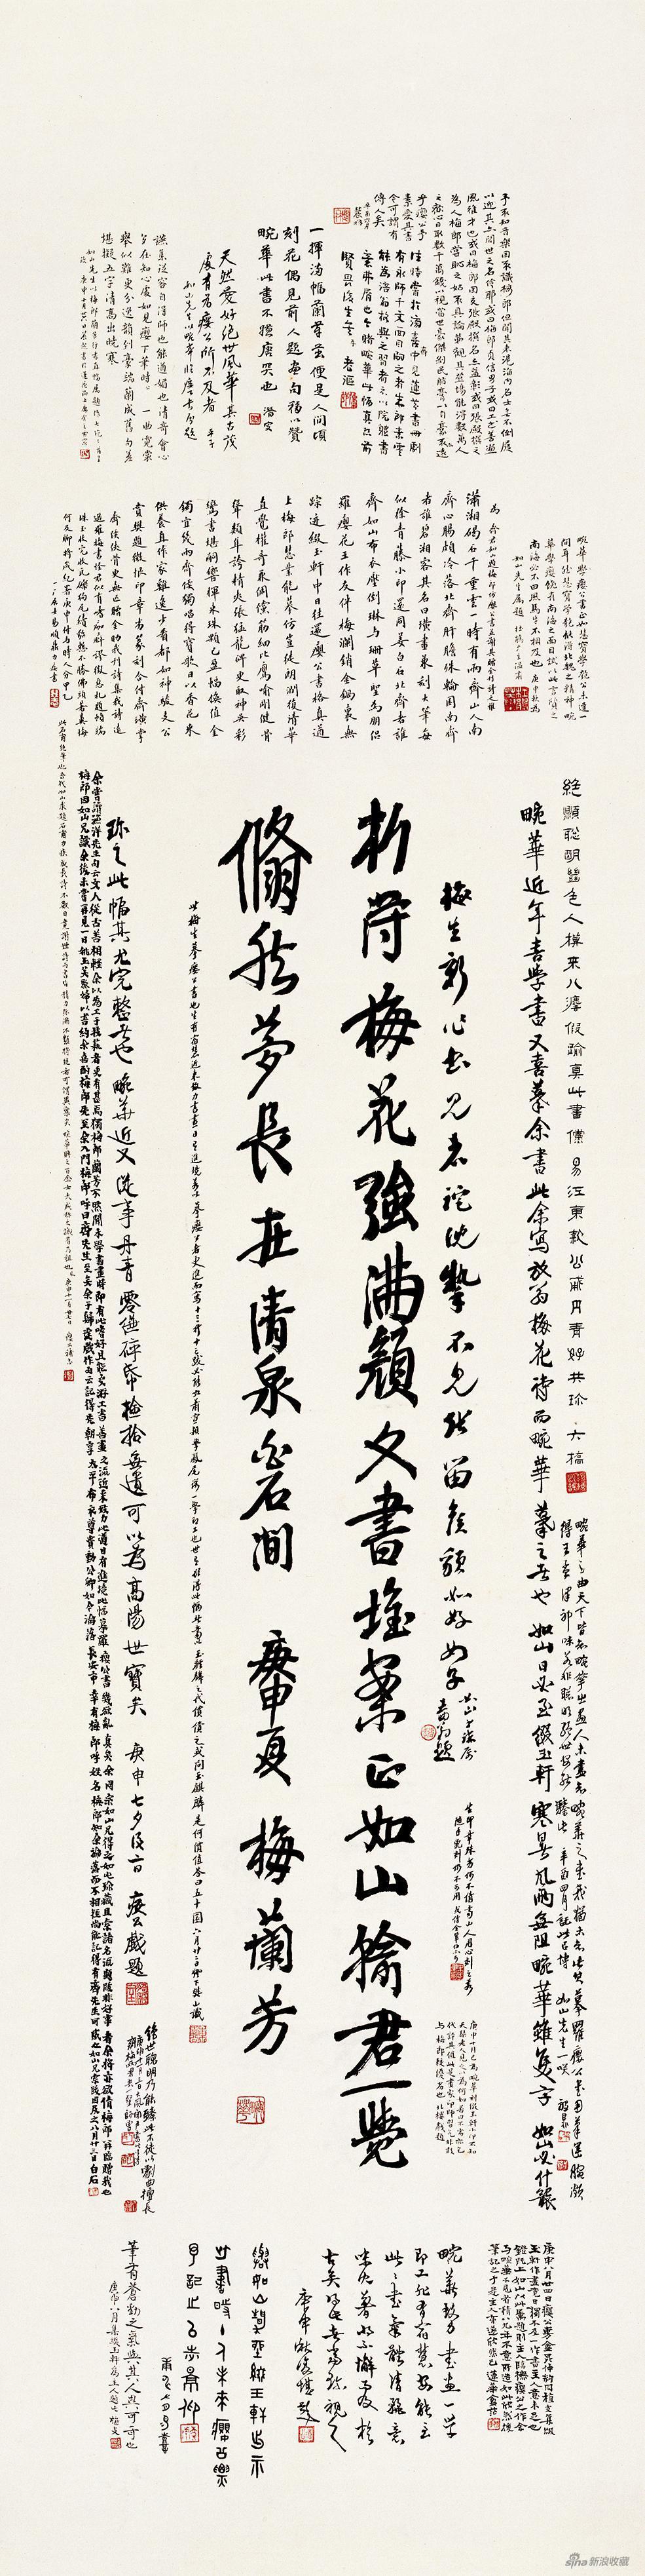 摹罗瘿公行书放翁梅花诗 梅兰芳等 1920年 169.5×43cm 珂罗版印刷品 北京画院藏